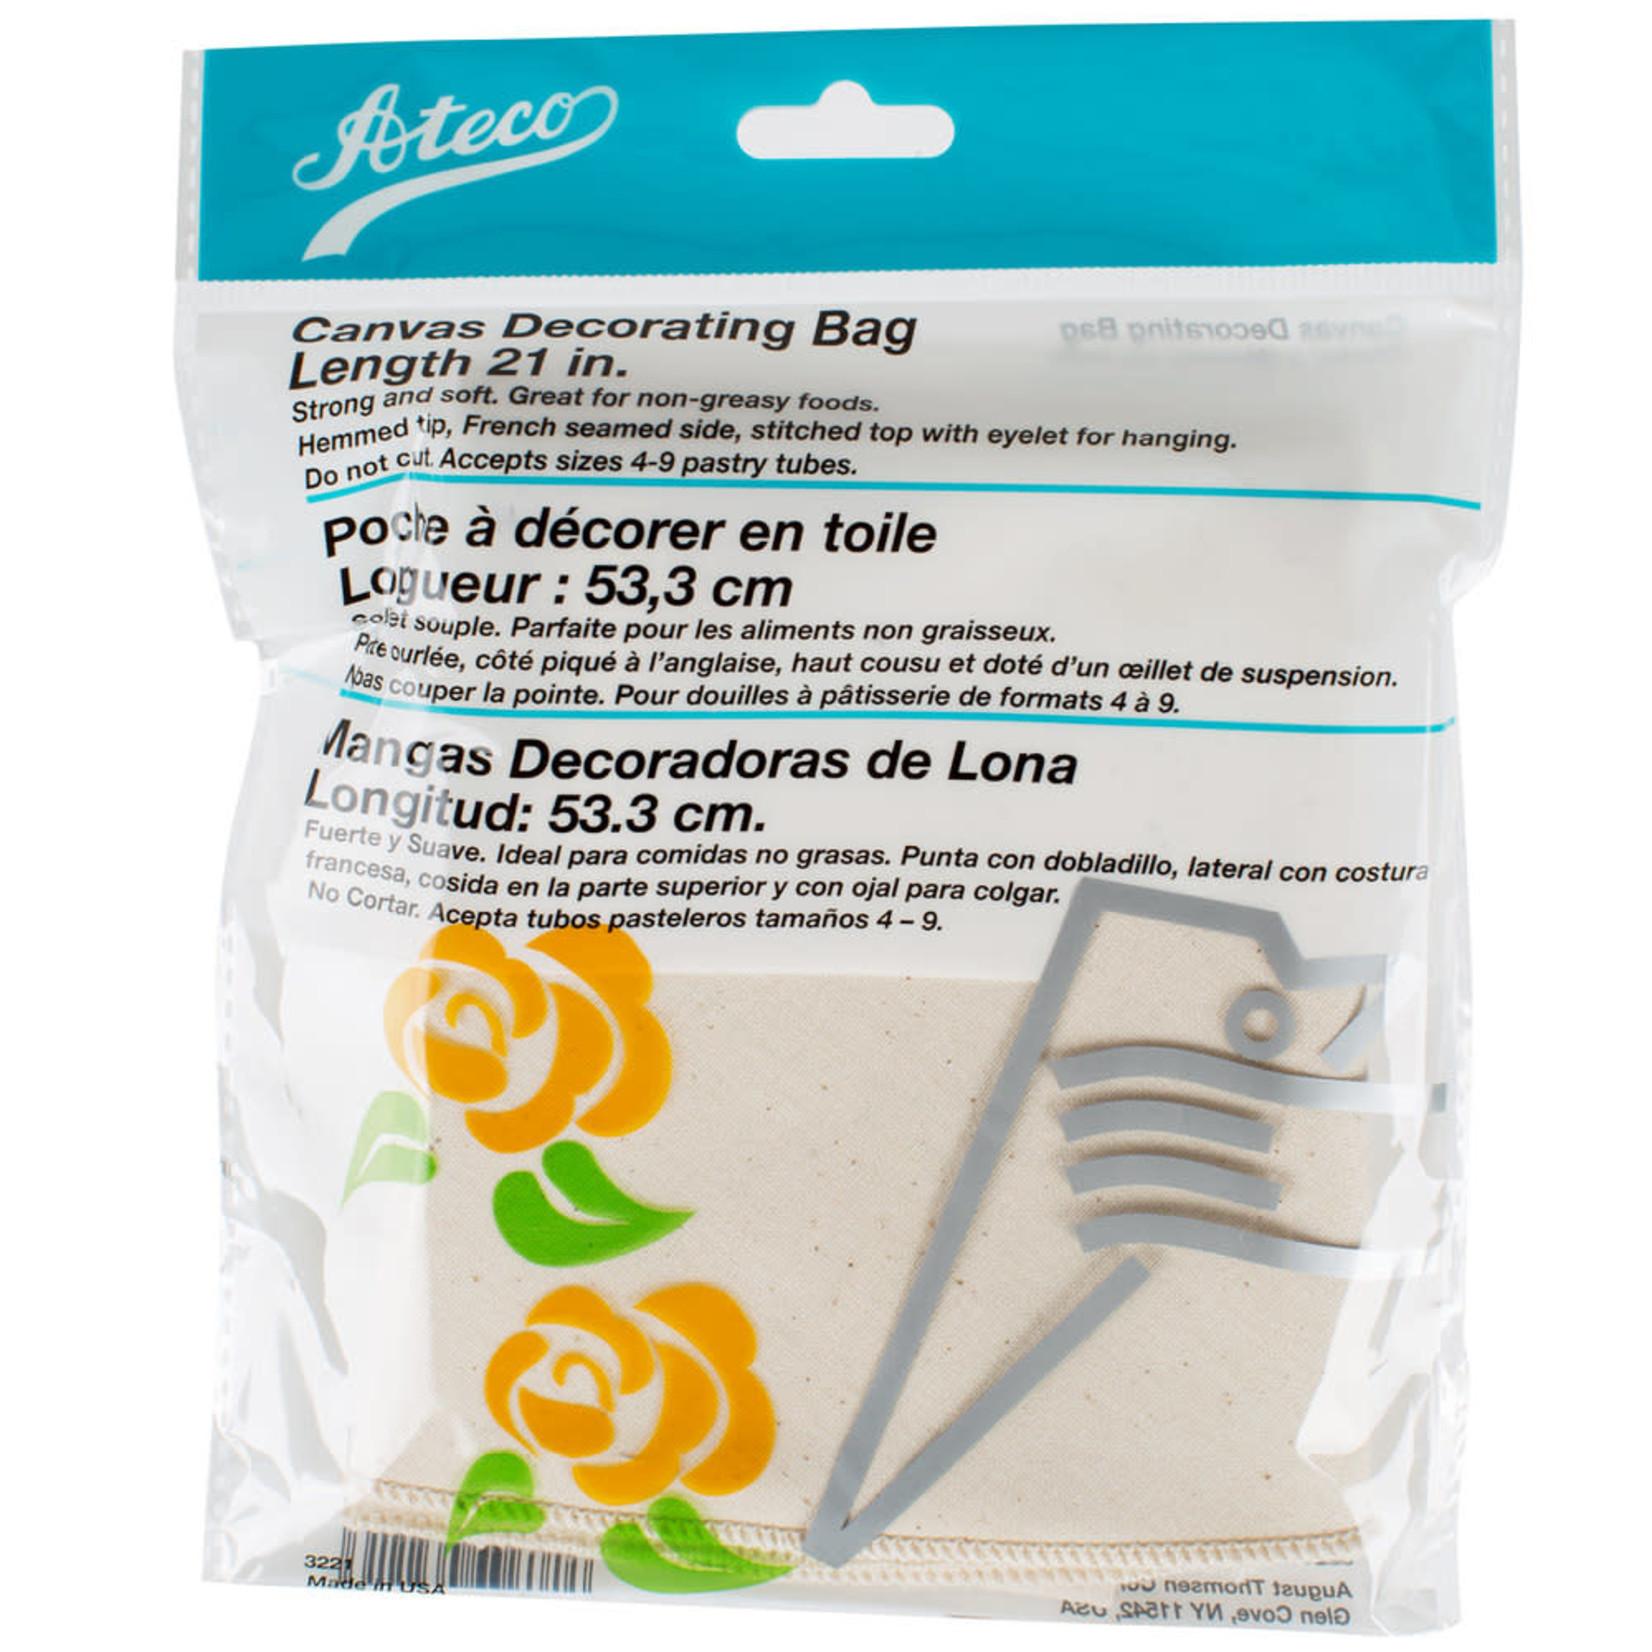 Ateco Ateco - Canvas Pastry Bag - 21'', 3221